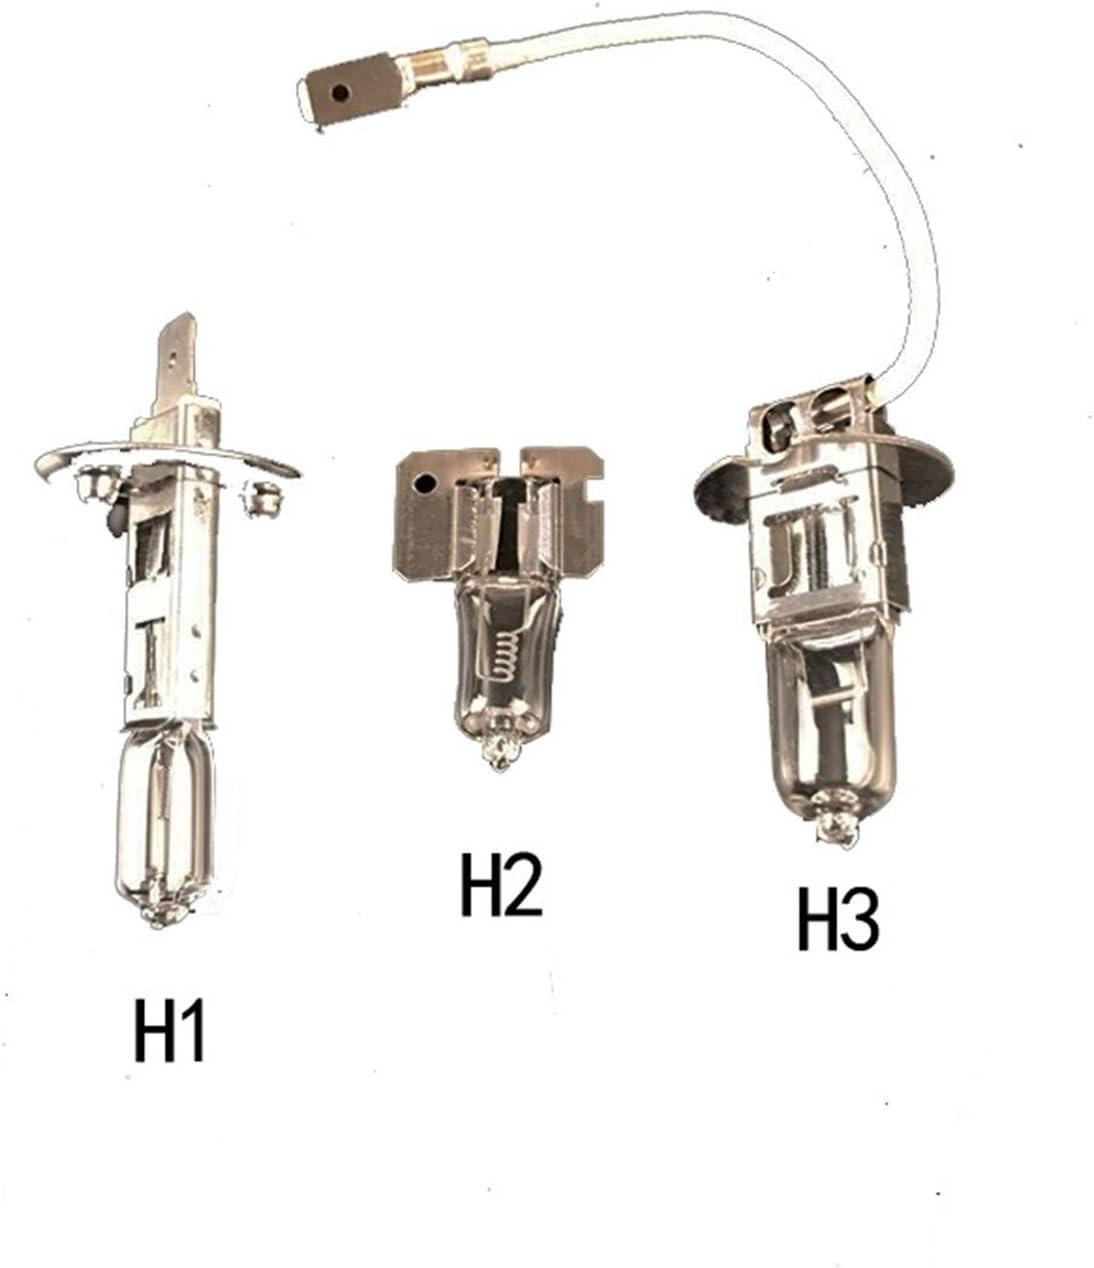 Fangaichen Adecuado para el Coche Bombilla halógena Halógena H1 H2 H2 H3 H3 H3 H3 H3 H3 H3 H3 12V 4000K Lámpara de conducción de Luces de Niebla Clara (Color : H2 24V 70W)